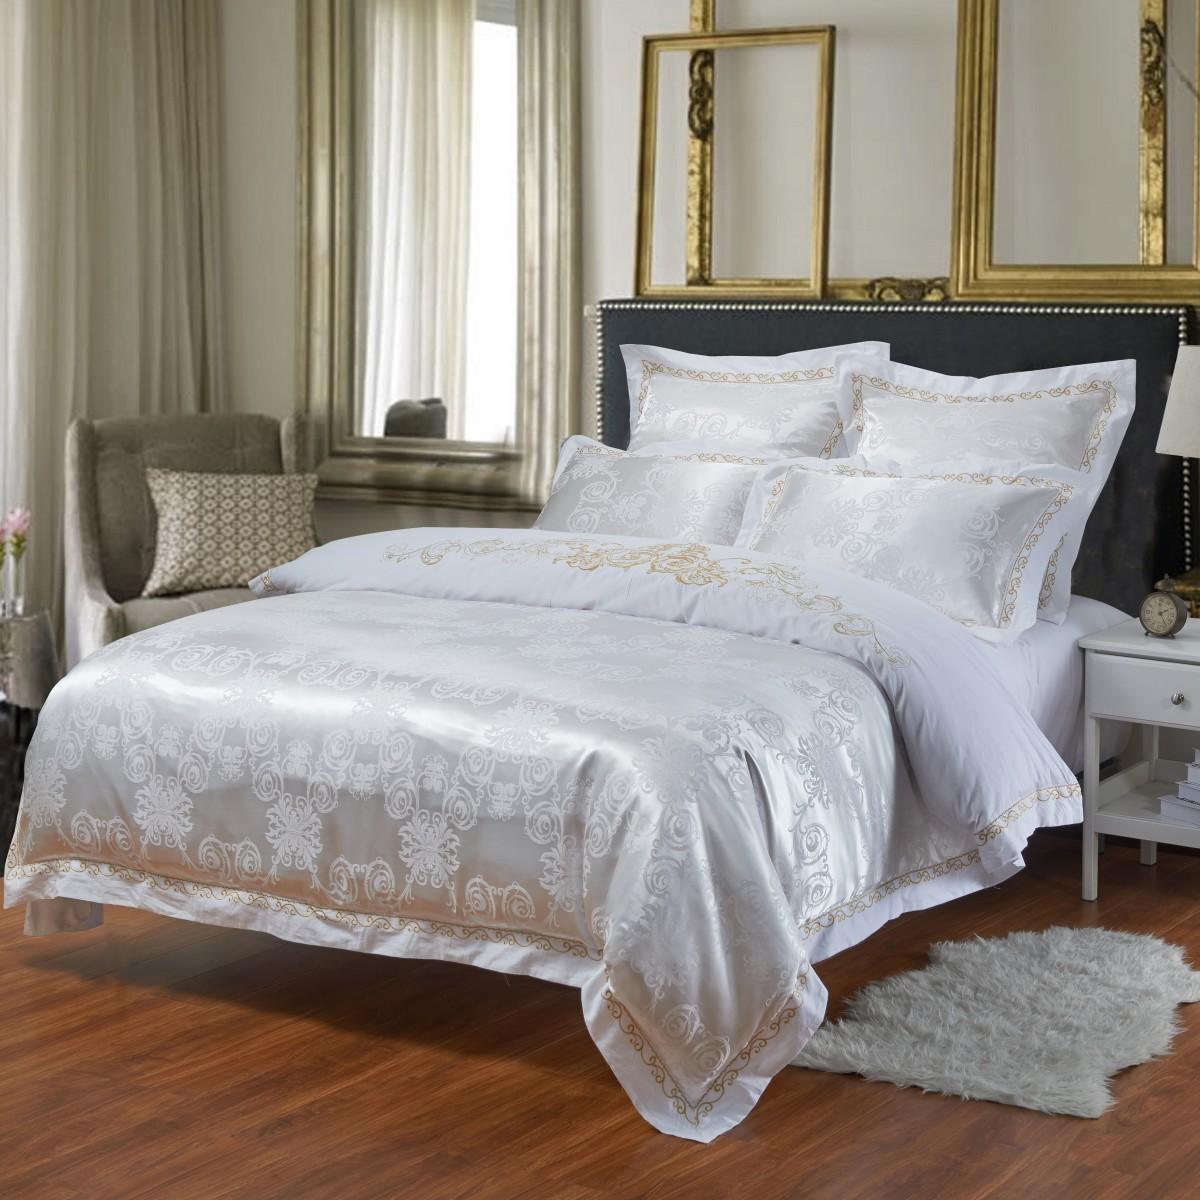 Комплект постельного бельяДвуспальные комплекты постельного белья<br>Роскошное постельное белье для изысканного вкуса.&amp;amp;nbsp;&amp;lt;div&amp;gt;&amp;lt;br&amp;gt;&amp;lt;div&amp;gt;В комплект входит:&amp;lt;br&amp;gt;&amp;lt;div&amp;gt;Пододеяльник: 220х200 см (1шт)&amp;amp;nbsp;&amp;lt;/div&amp;gt;&amp;lt;div&amp;gt;Простыня: 230х250 см (1шт)&amp;amp;nbsp;&amp;lt;/div&amp;gt;&amp;lt;div&amp;gt;Наволочки: 50х70 см (2шт); 70х70 см (2шт)&amp;lt;/div&amp;gt;&amp;lt;/div&amp;gt;&amp;lt;/div&amp;gt;<br><br>Material: Сатин<br>Length см: 220<br>Width см: 200